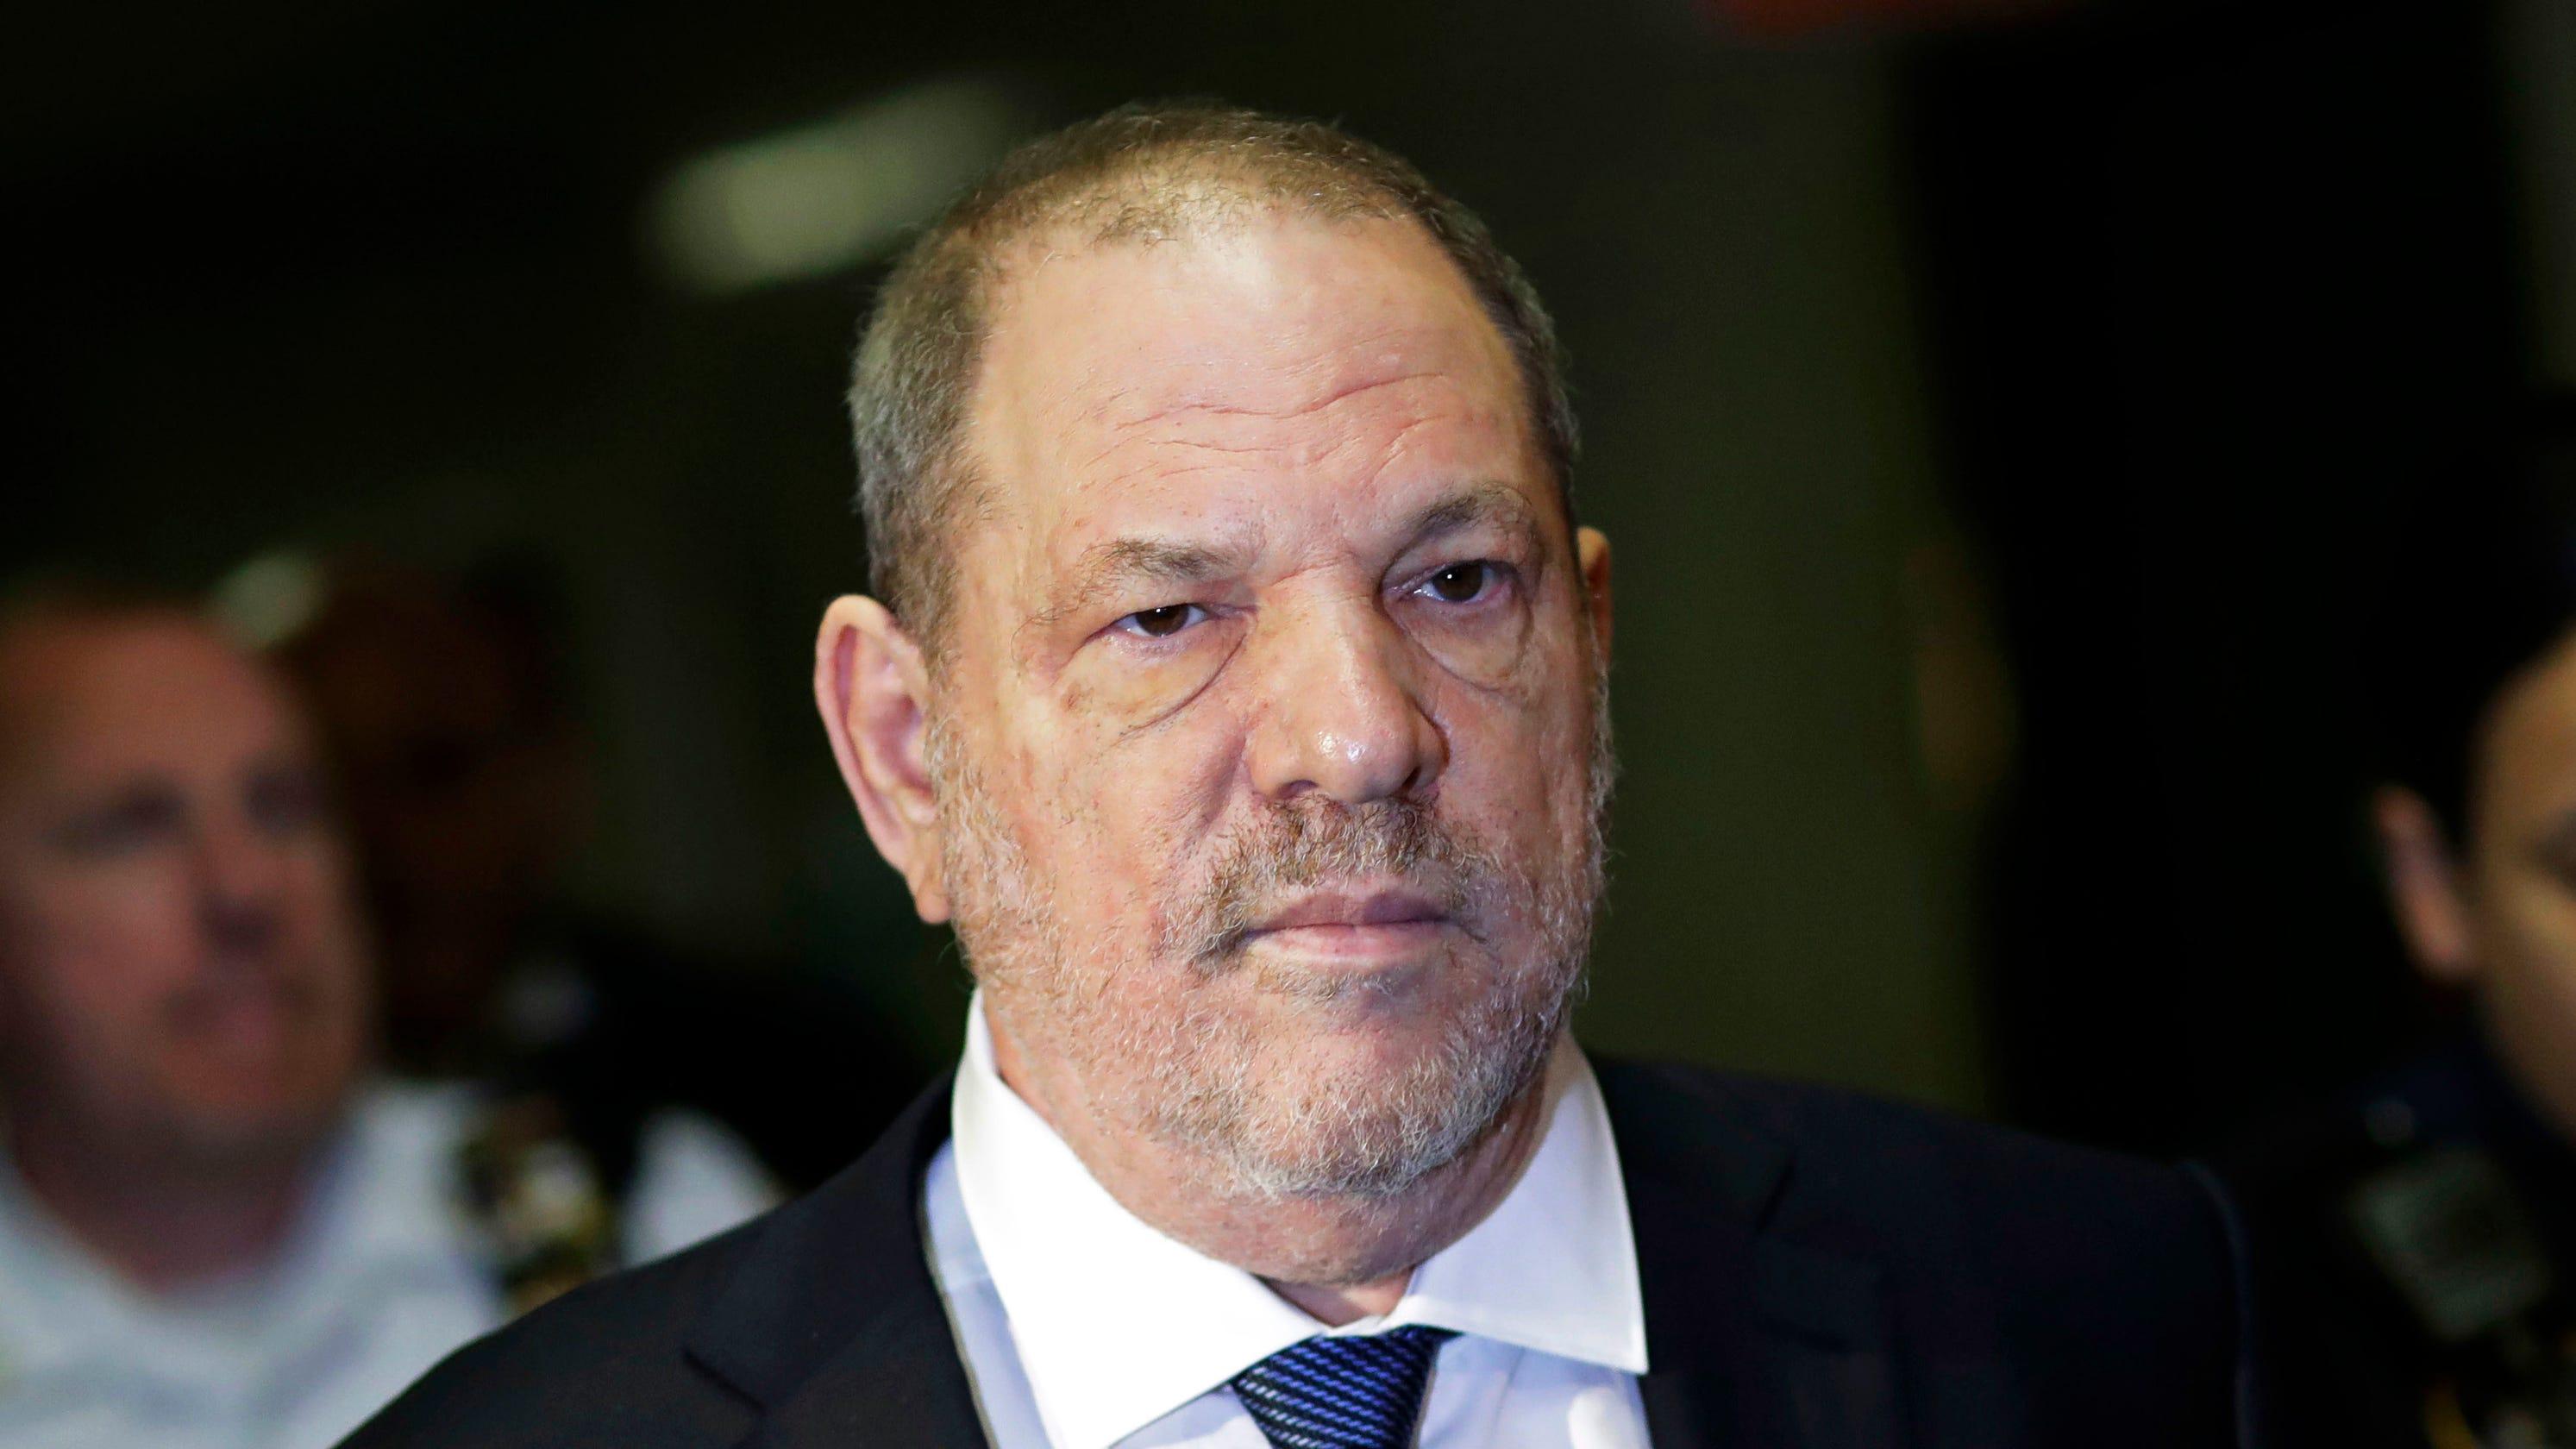 Harvey Weinstein case: Prosecutors challenge Weinstein bid to move trial out of NYC